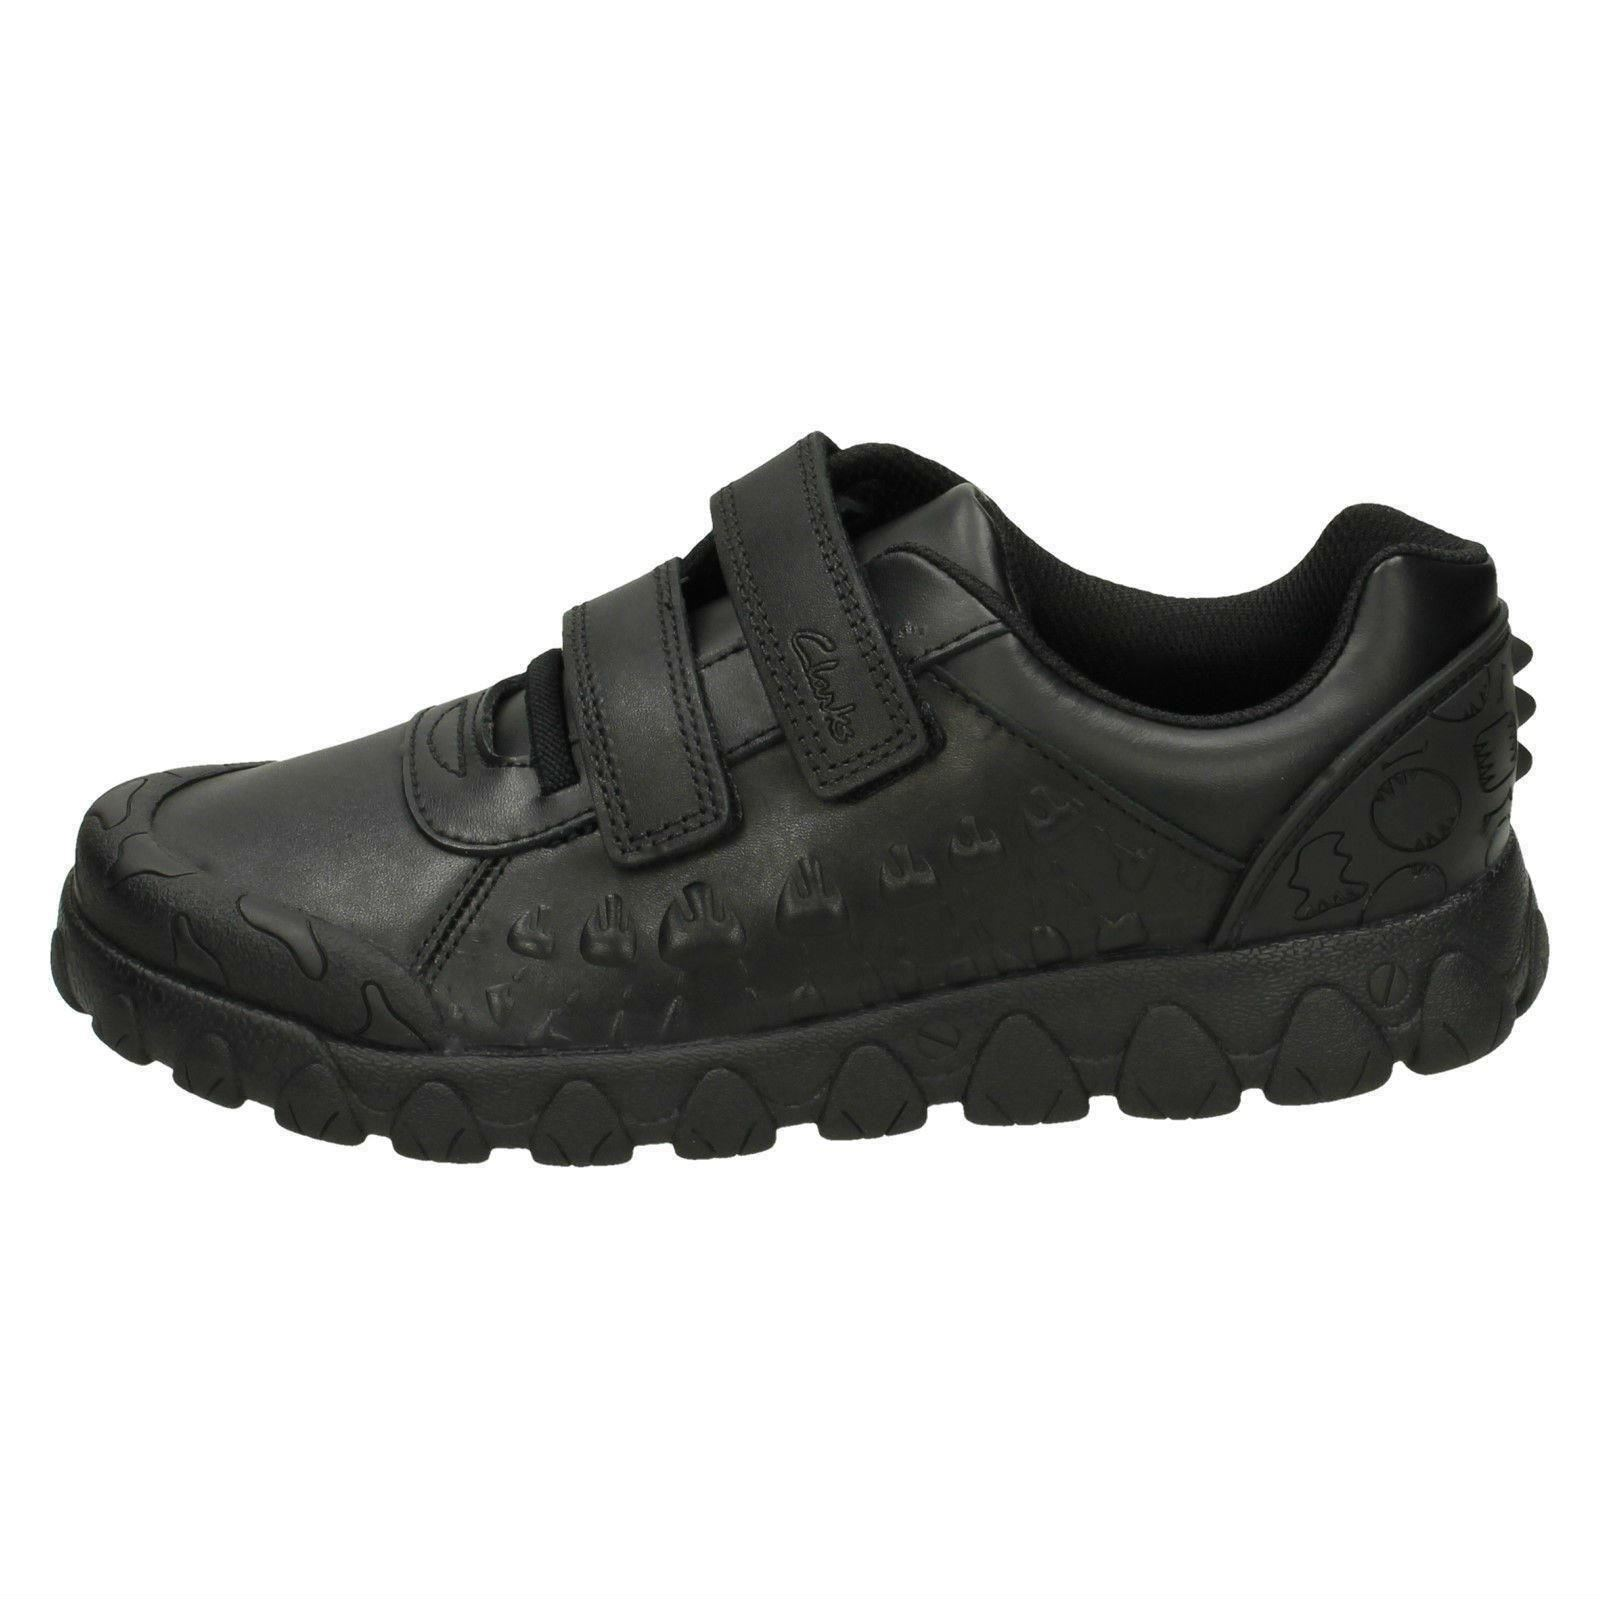 de para Black con Zapatos niños formales Tyrex escolares Ride dinosaurios Clarks temática qXRUX4